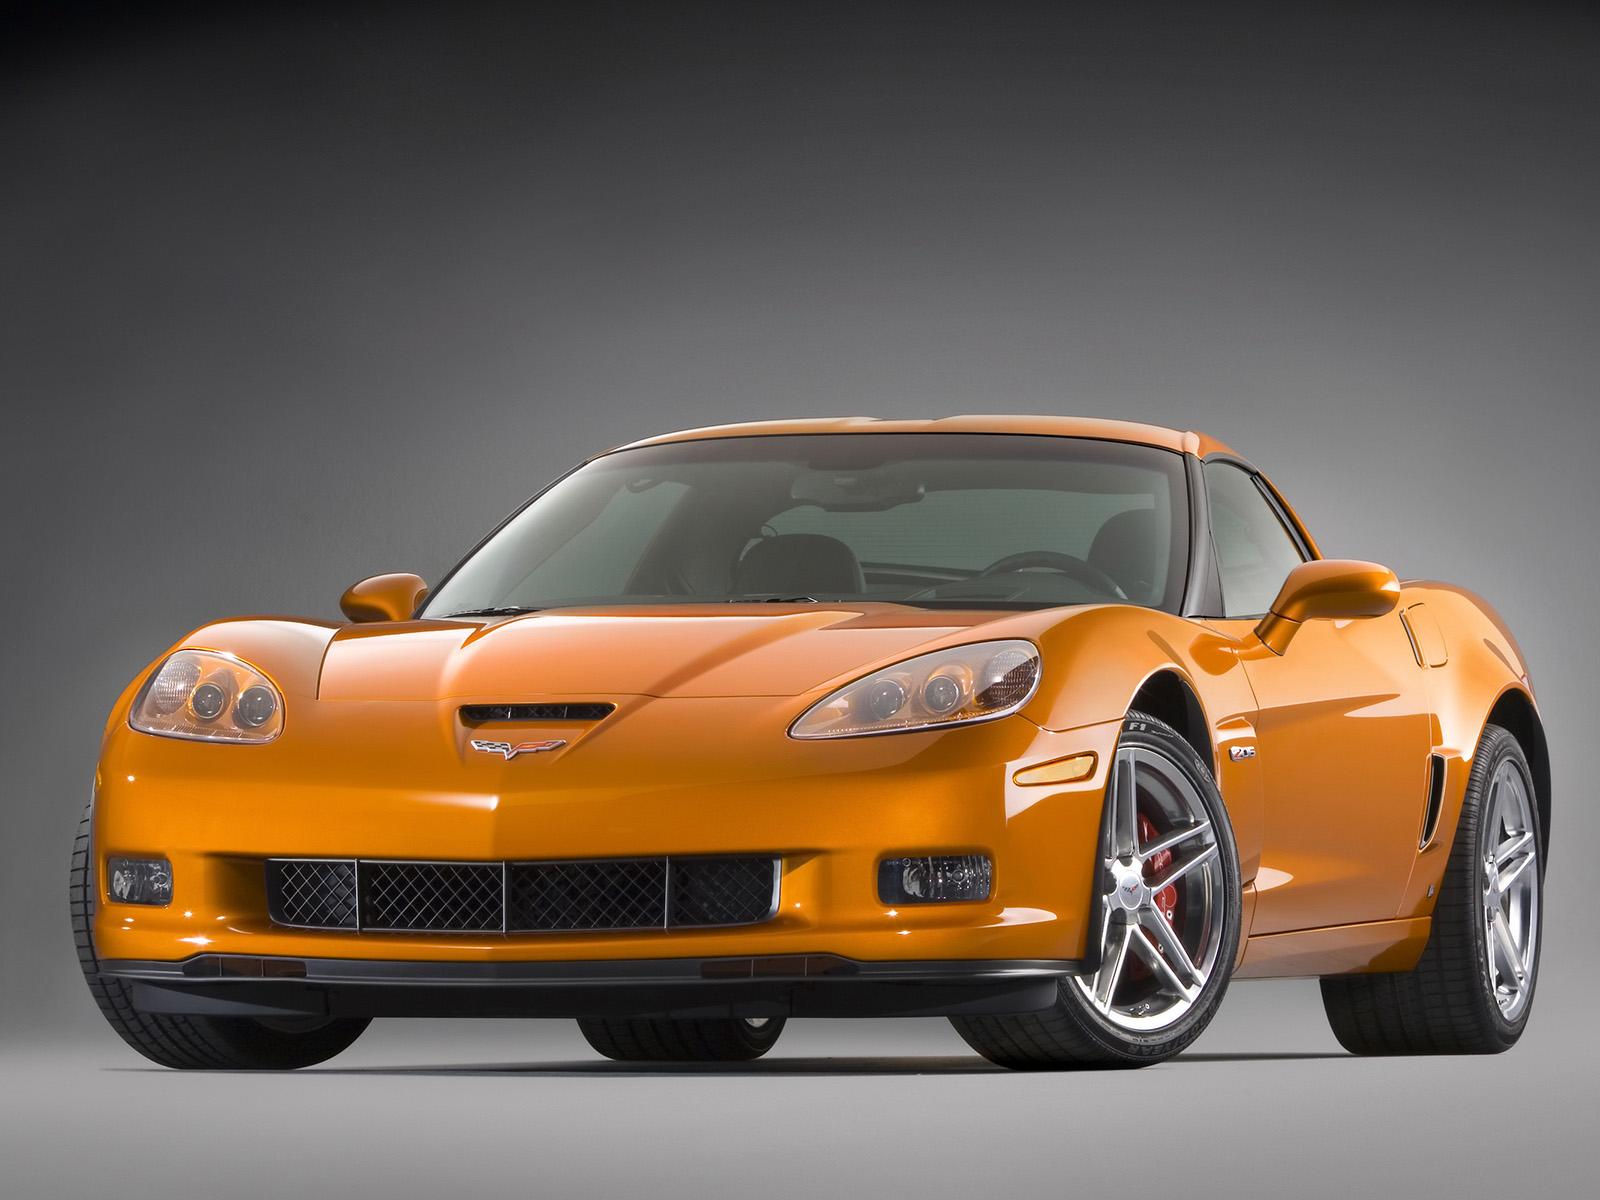 Chevrolet-corvette-z6 wallpapers 3509 1600-1-